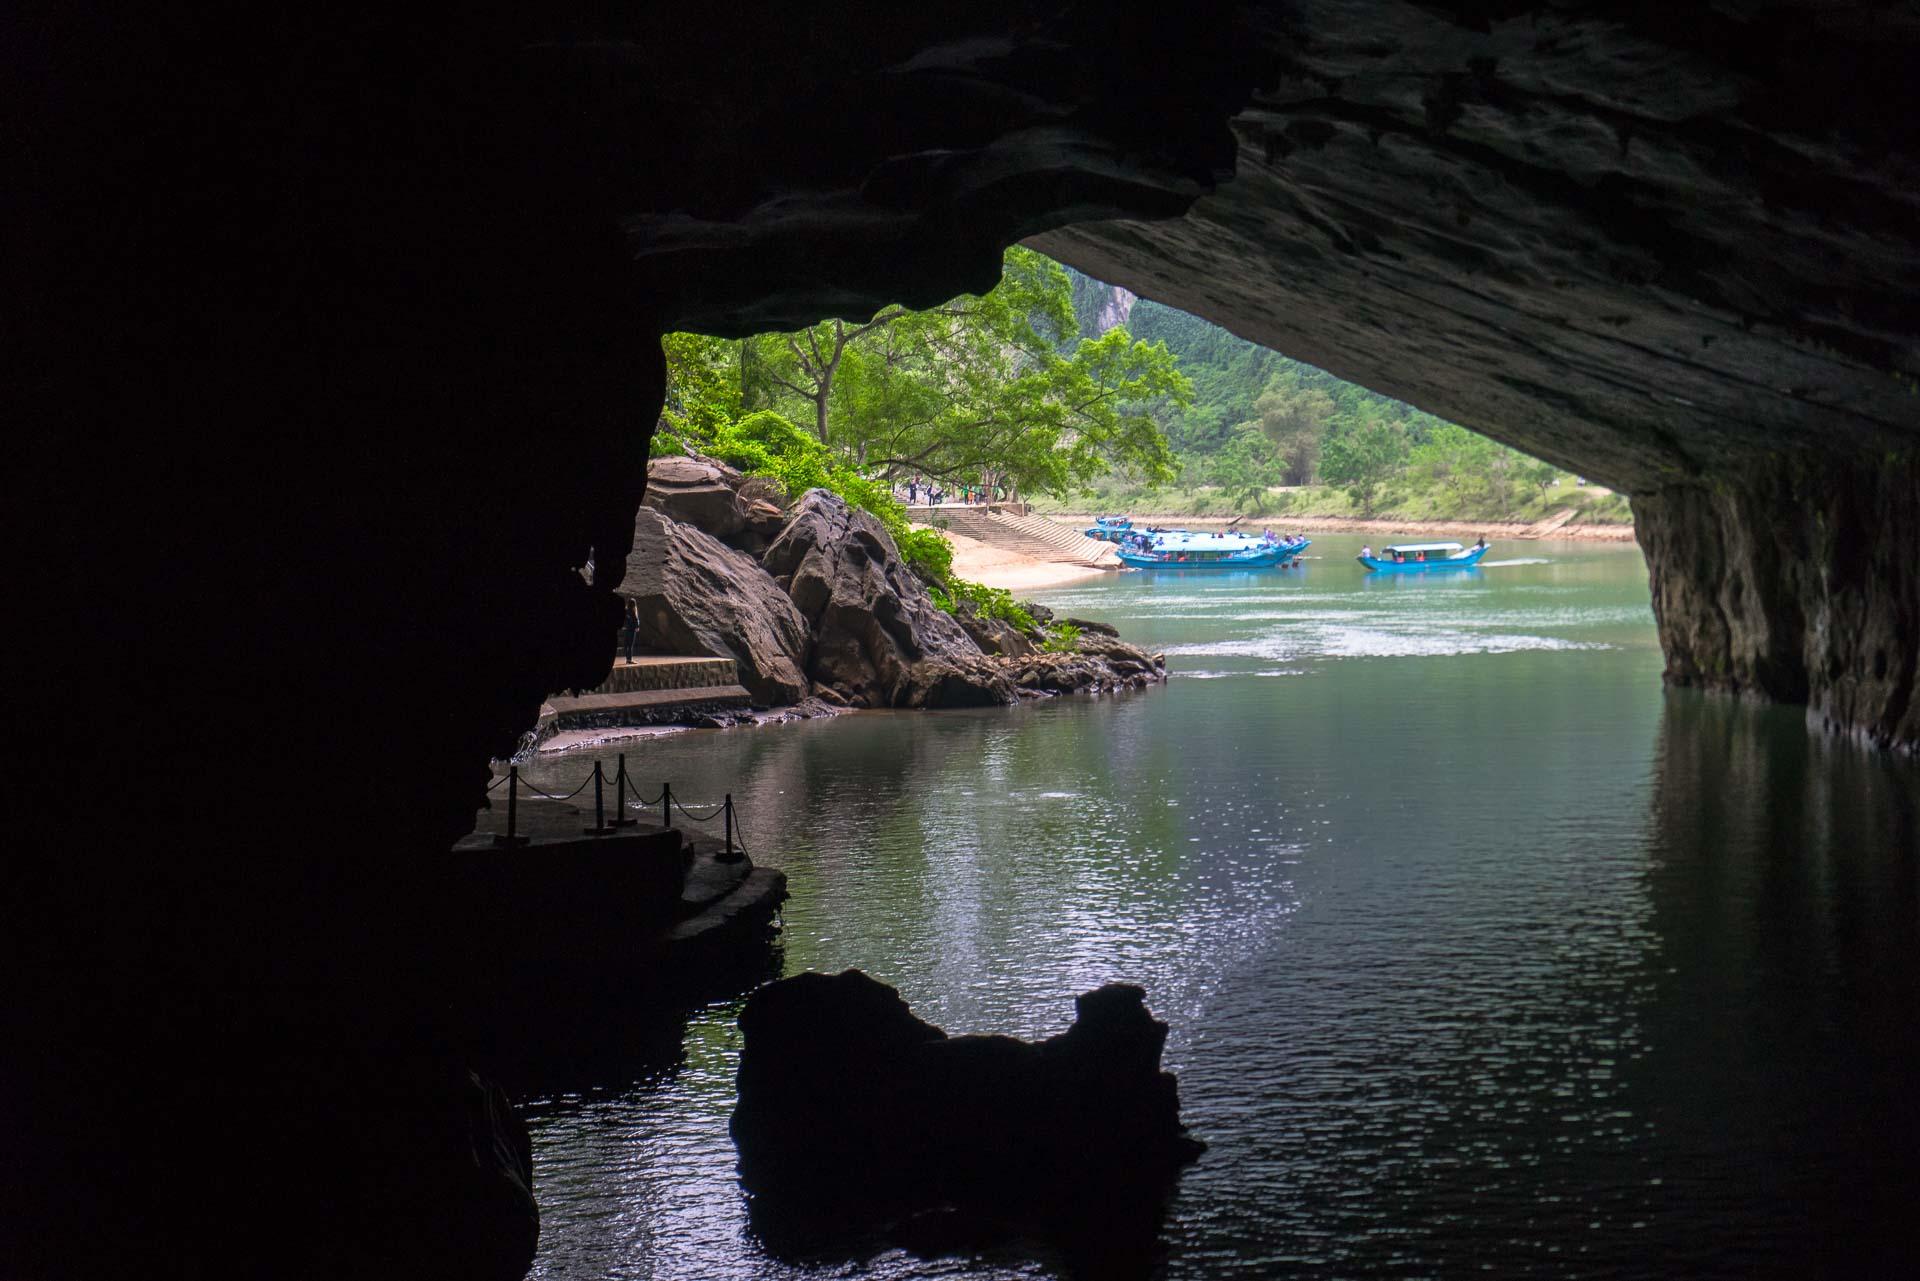 LesVoyageuses-Vietnam-Phong-Nha-Caves-Nature-64